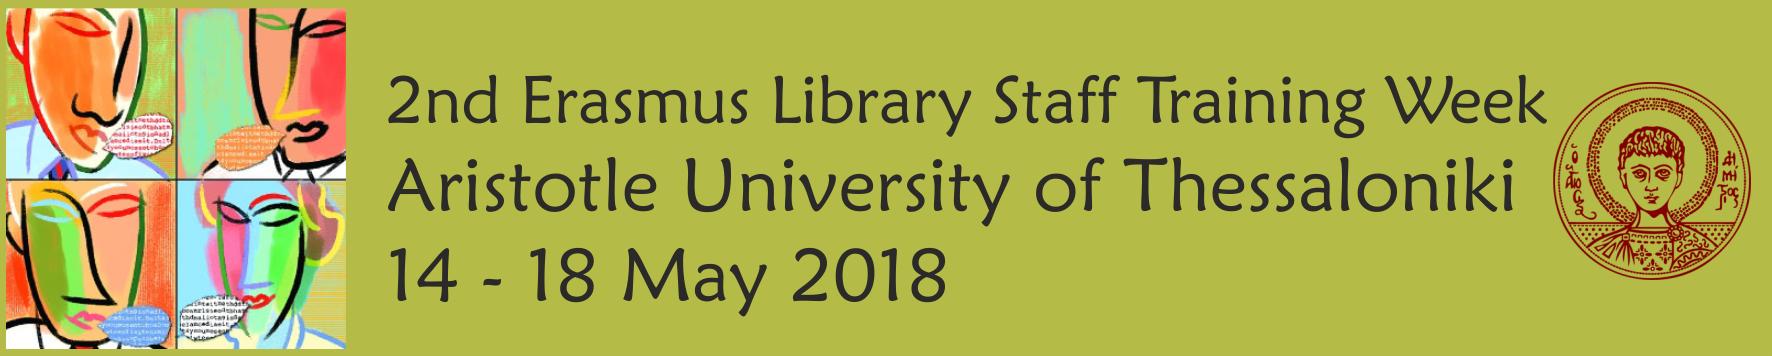 2nd Erasmus Library Staff Training Week banner